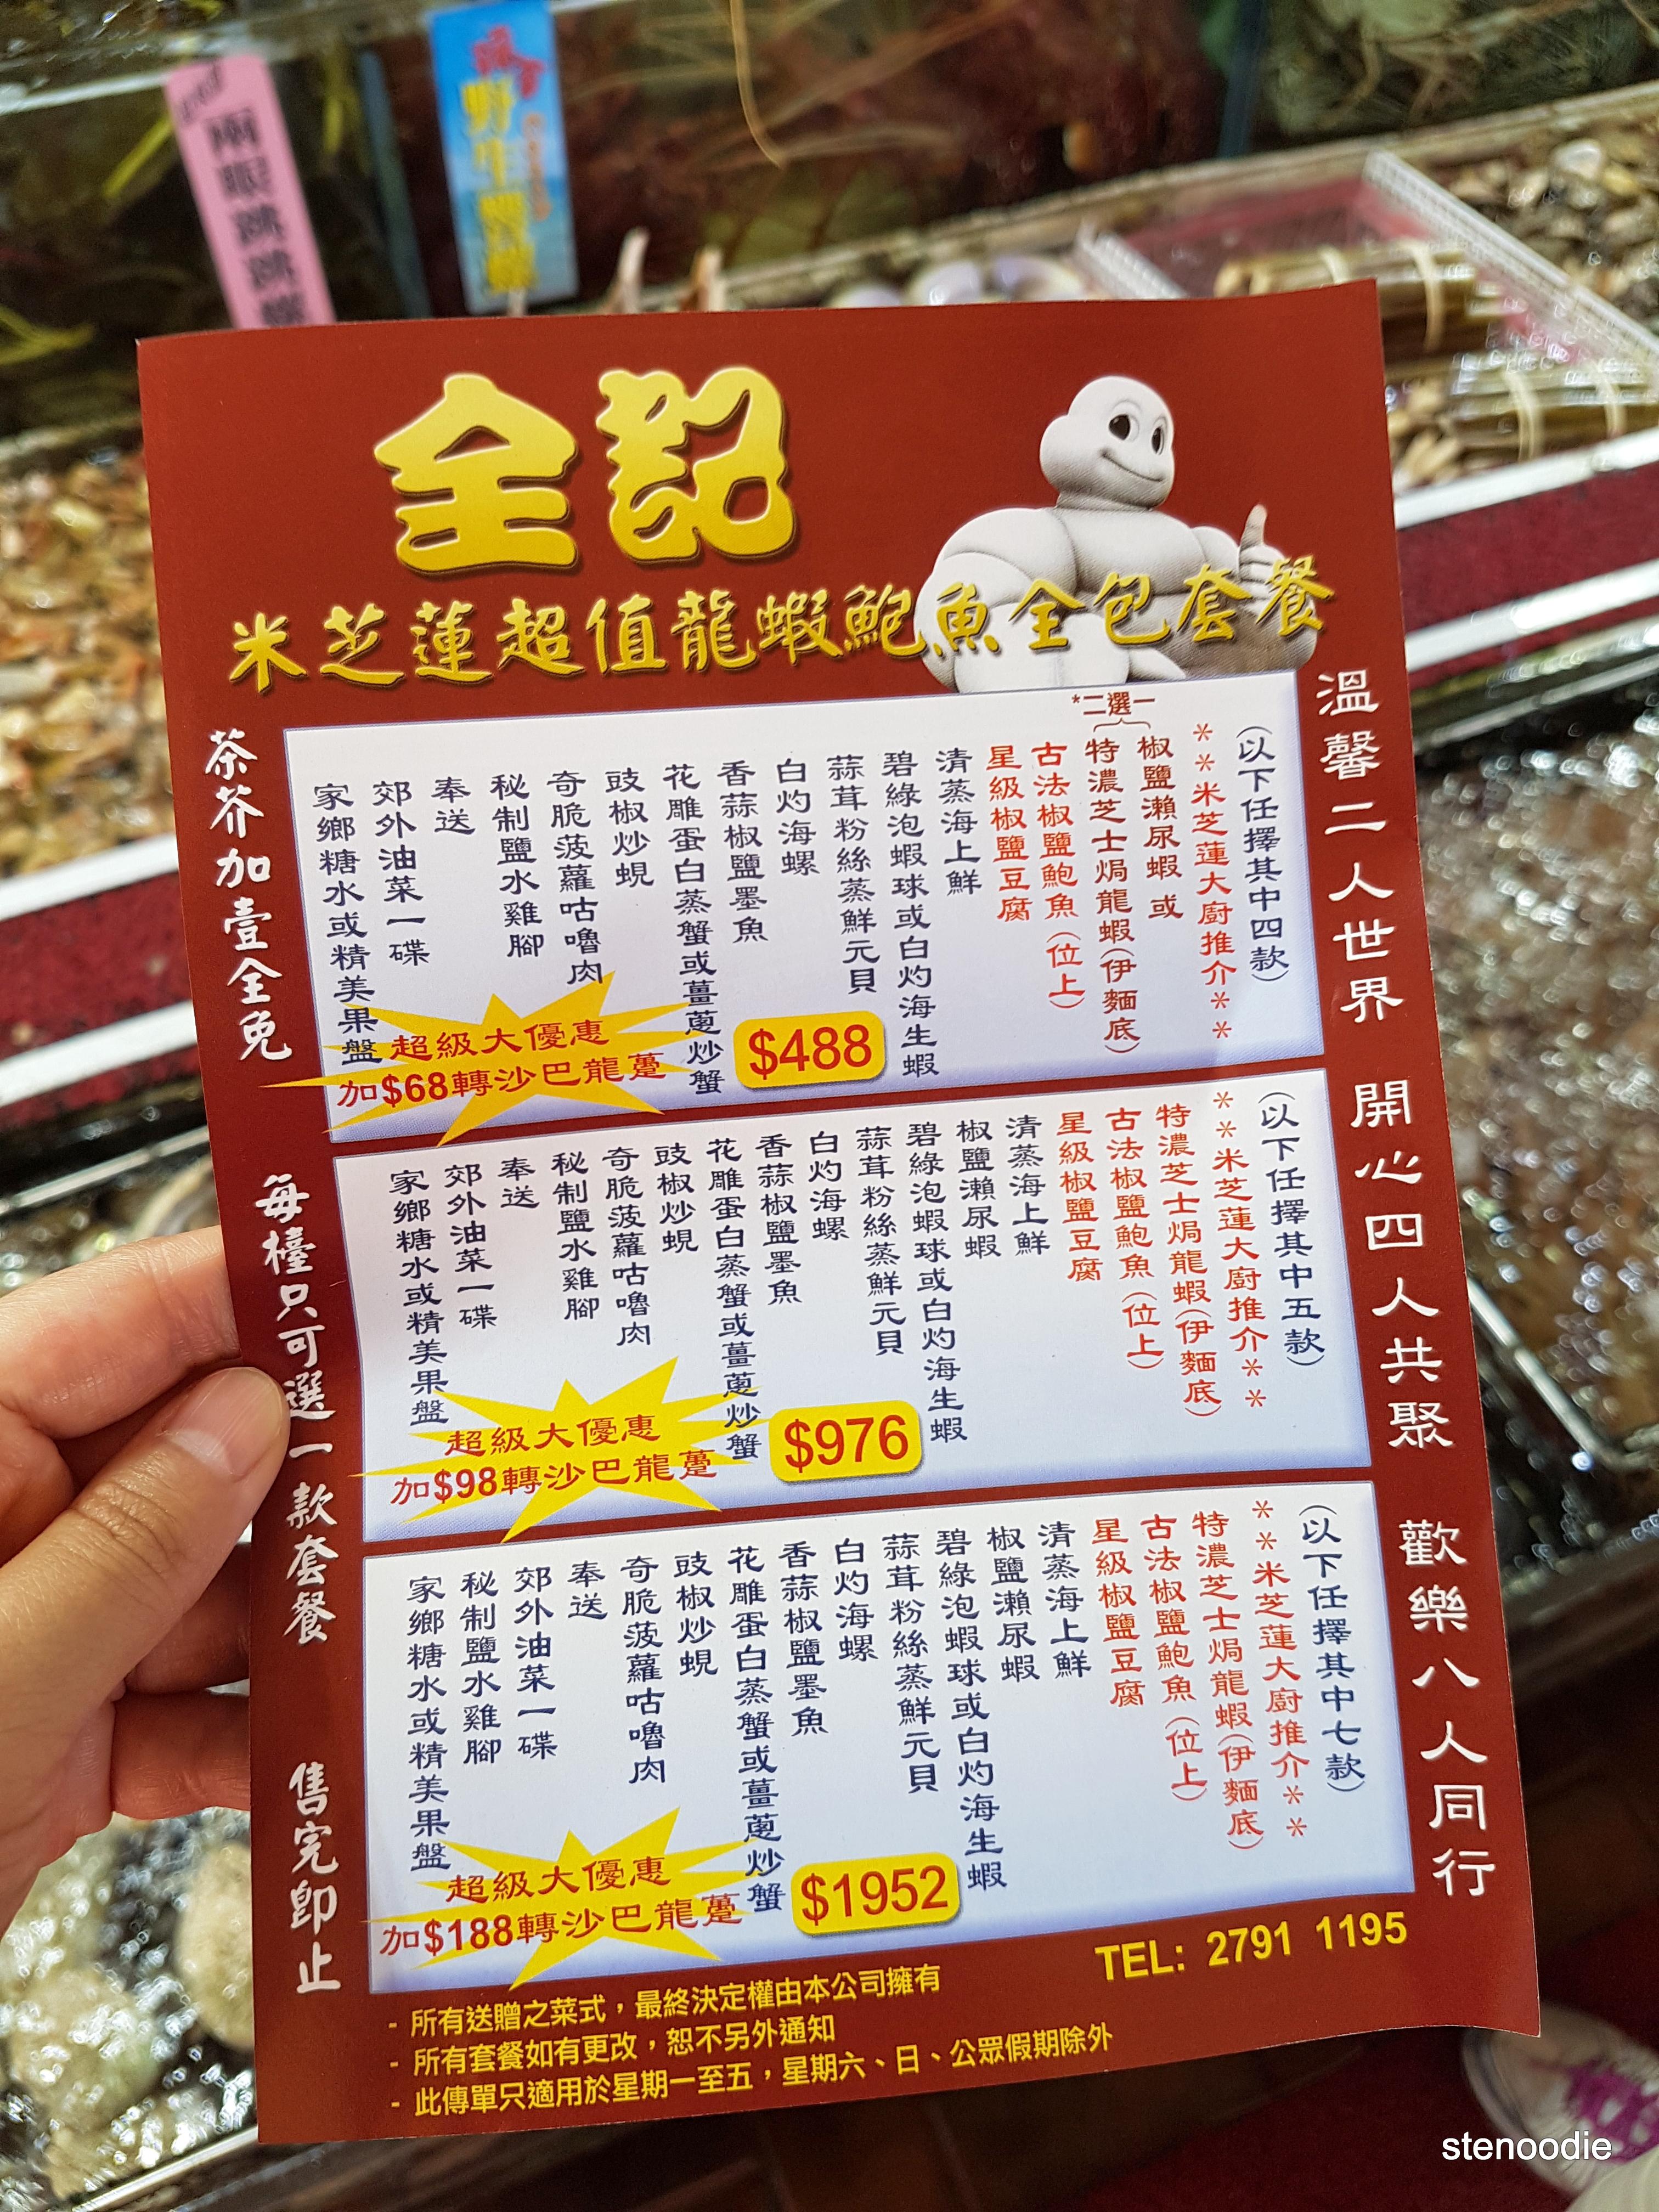 Sai Kung Chuen Kee Seafood Restaurant combos